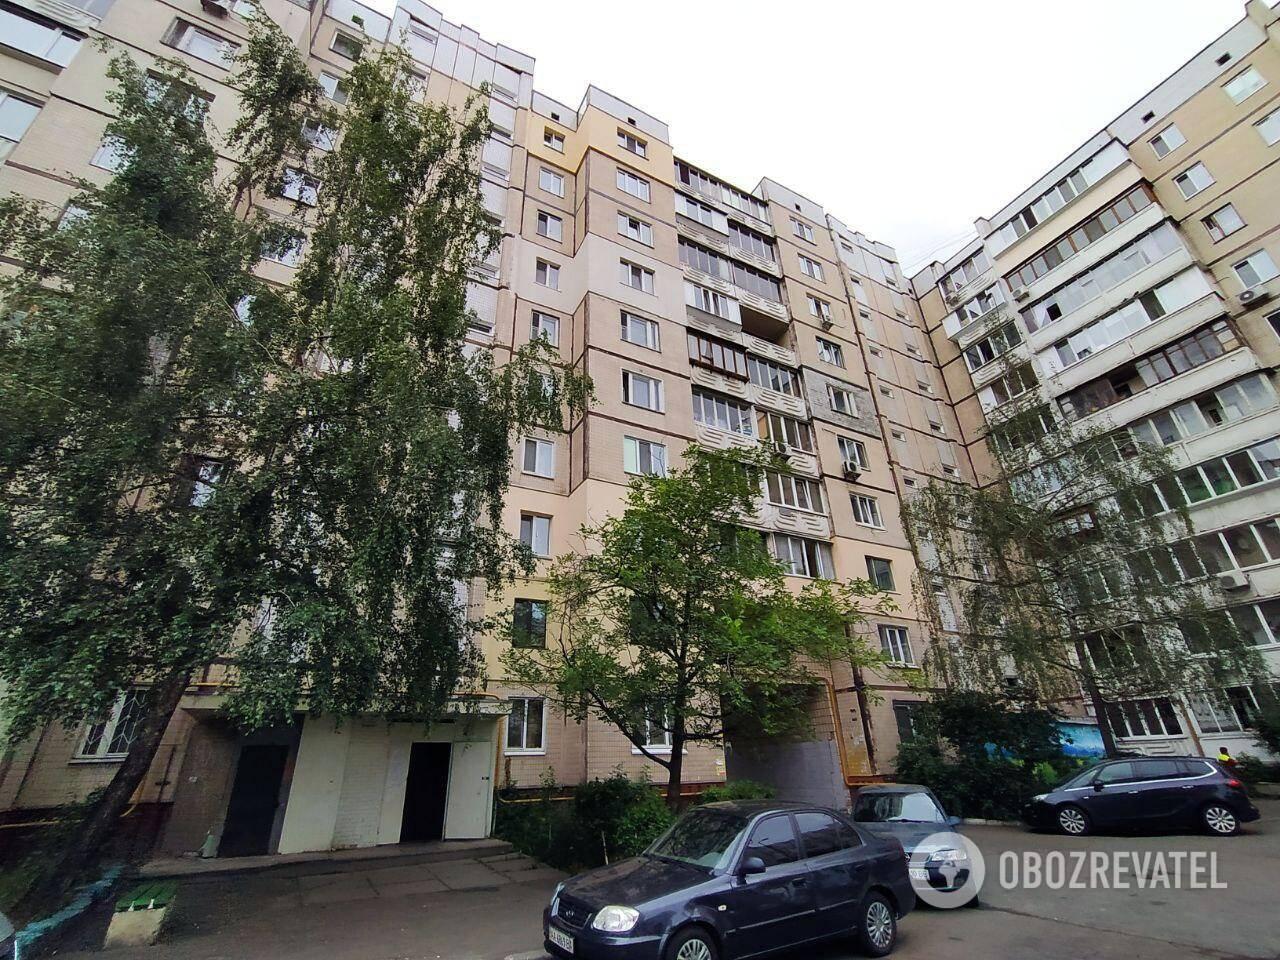 Многоэтажка на ул. Тростянецкой в Дарницком районе Киева, где живет Антон Желепа